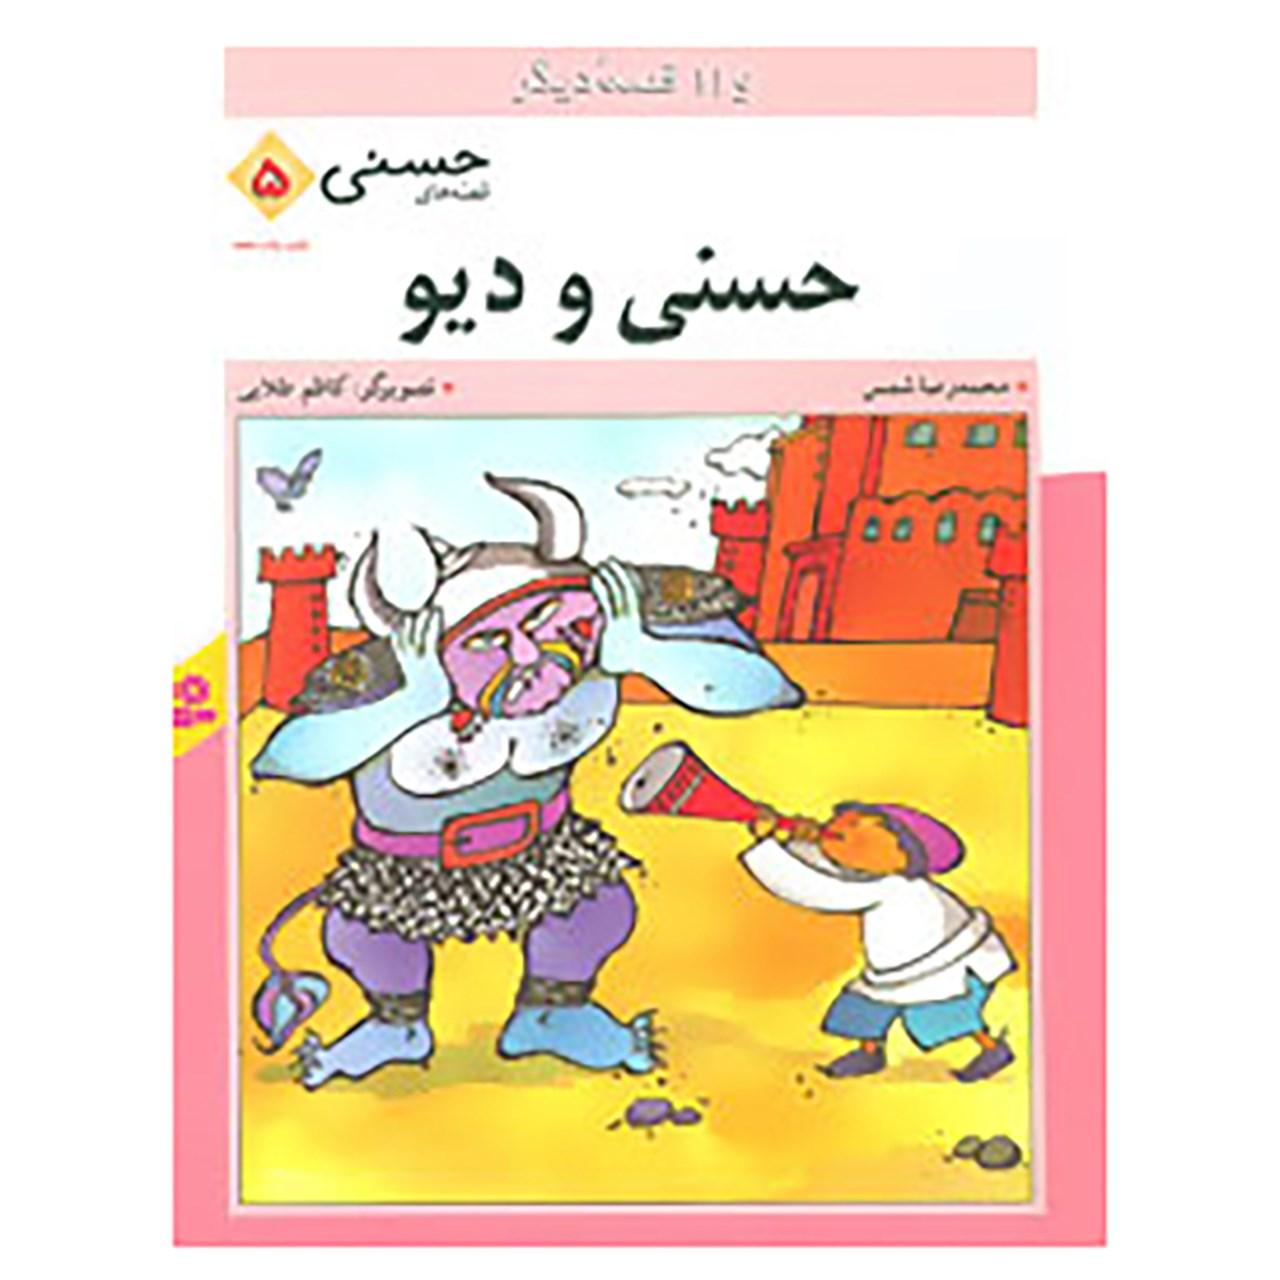 کتاب قصه های حسنی 5 اثر محمدرضا شمس